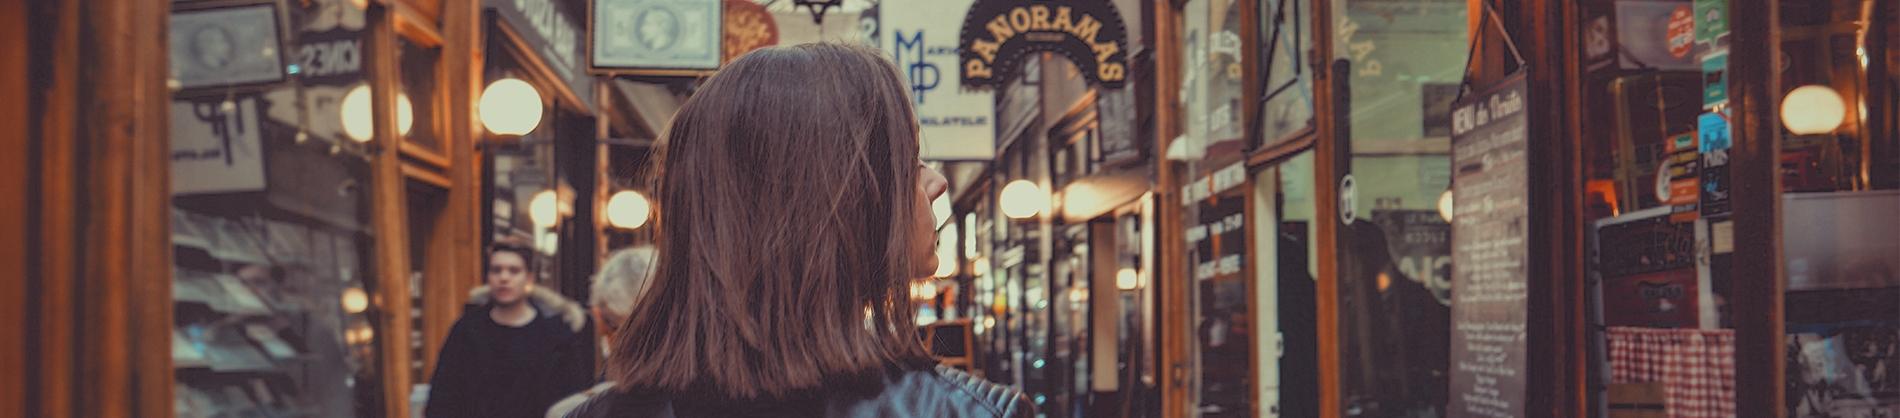 Women walking down a street of shops looking in the windows